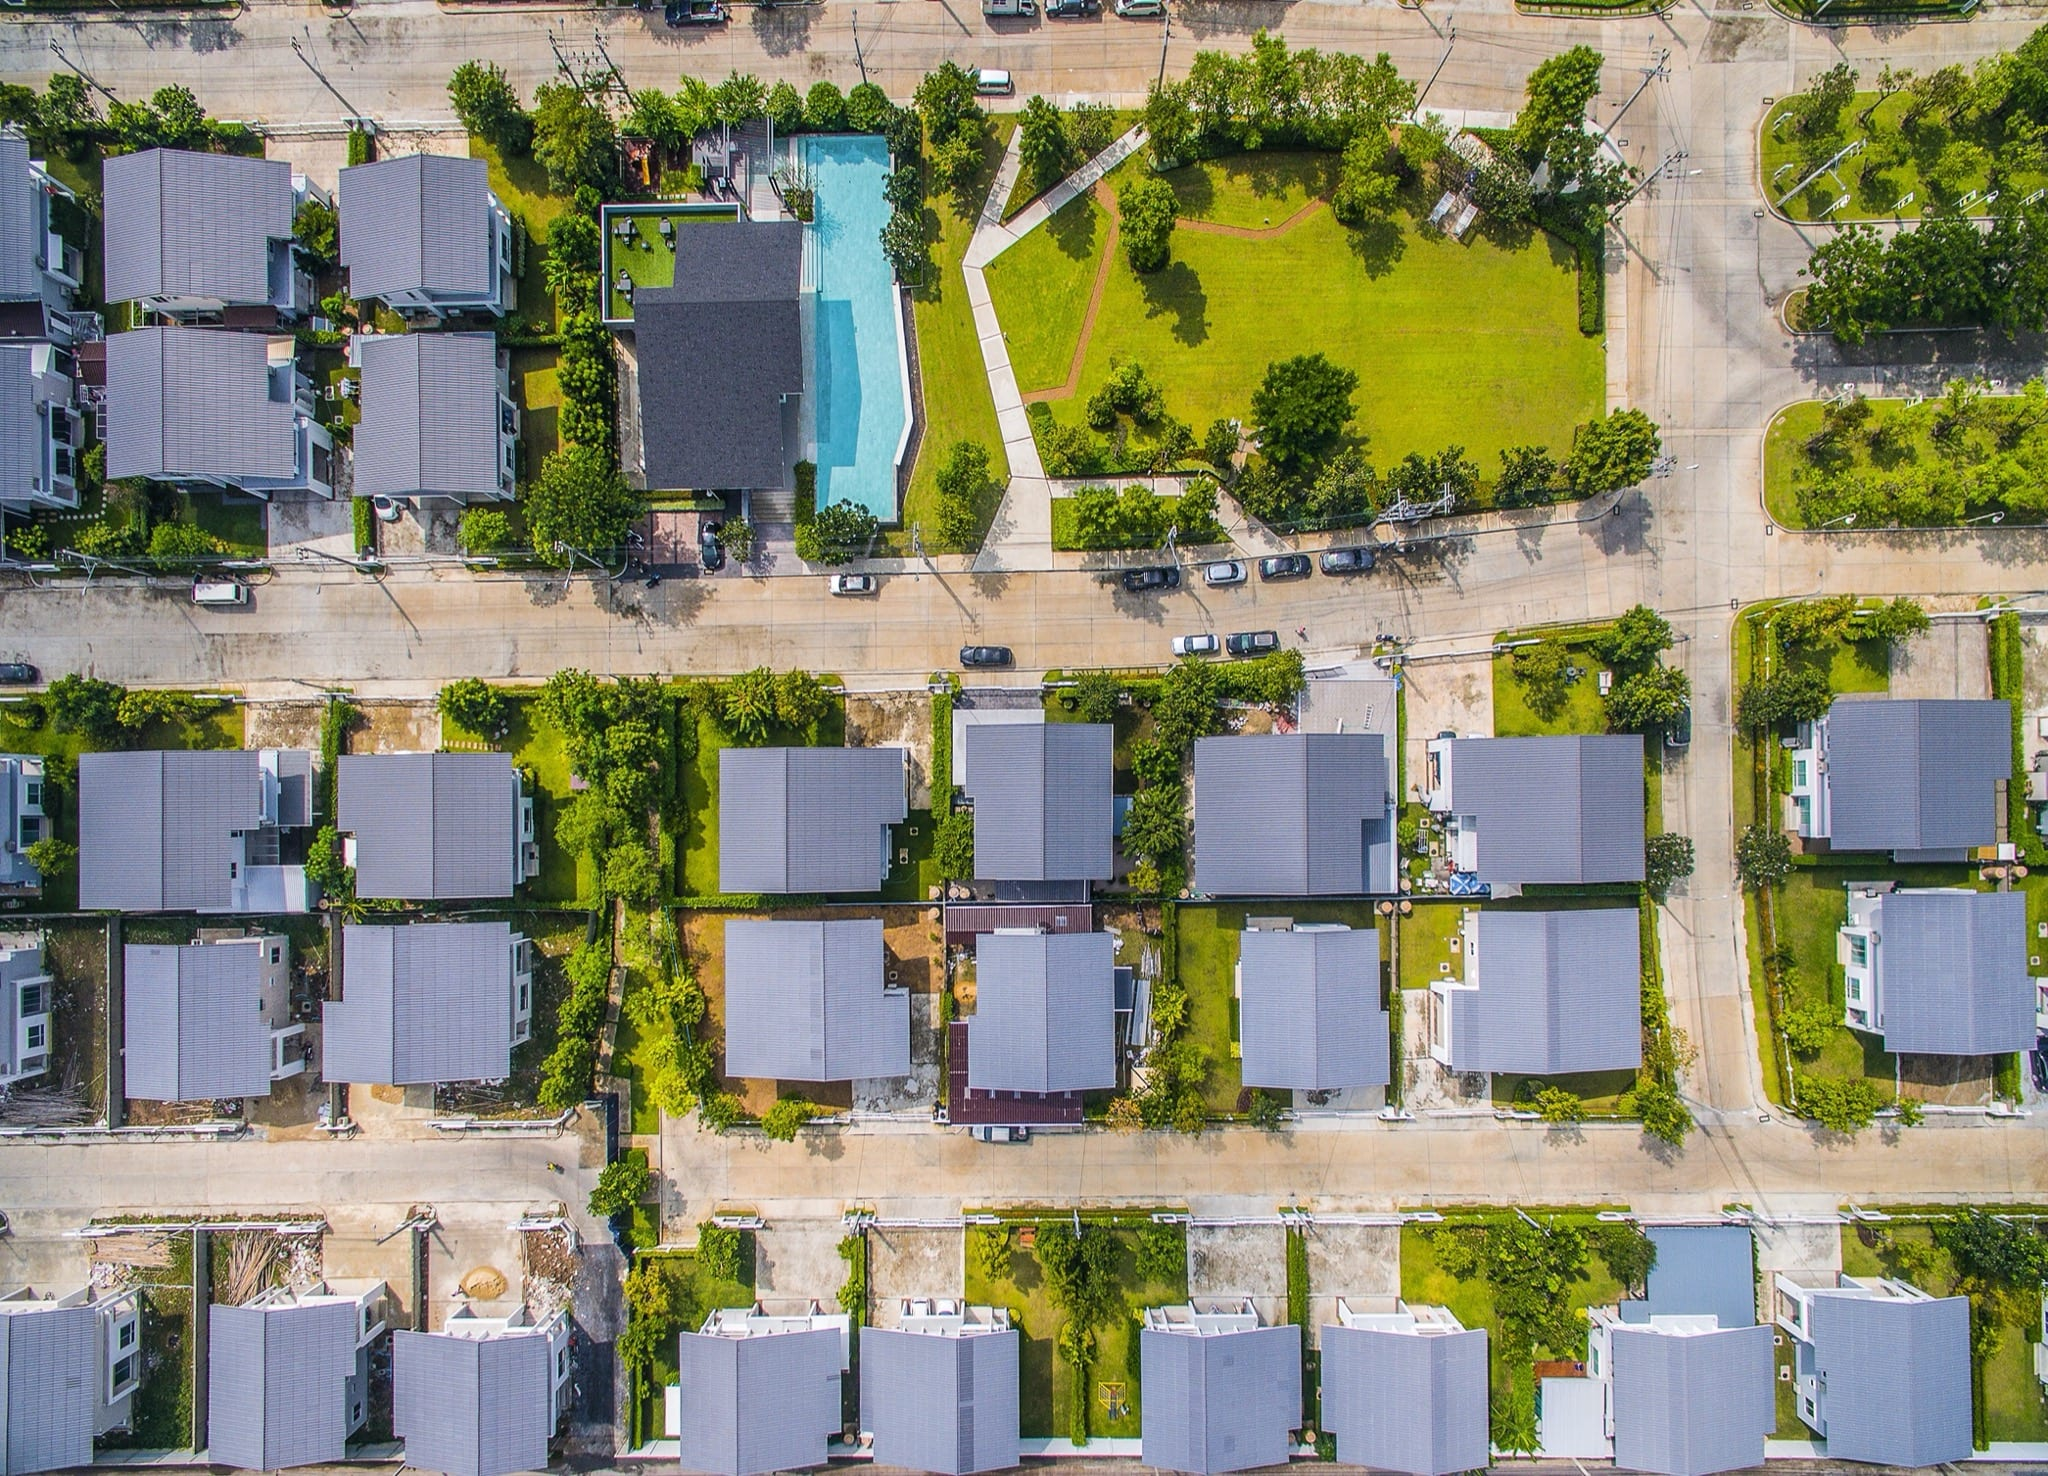 case copy - Terenurile din jurul Capitalei: evoluție și tendințe